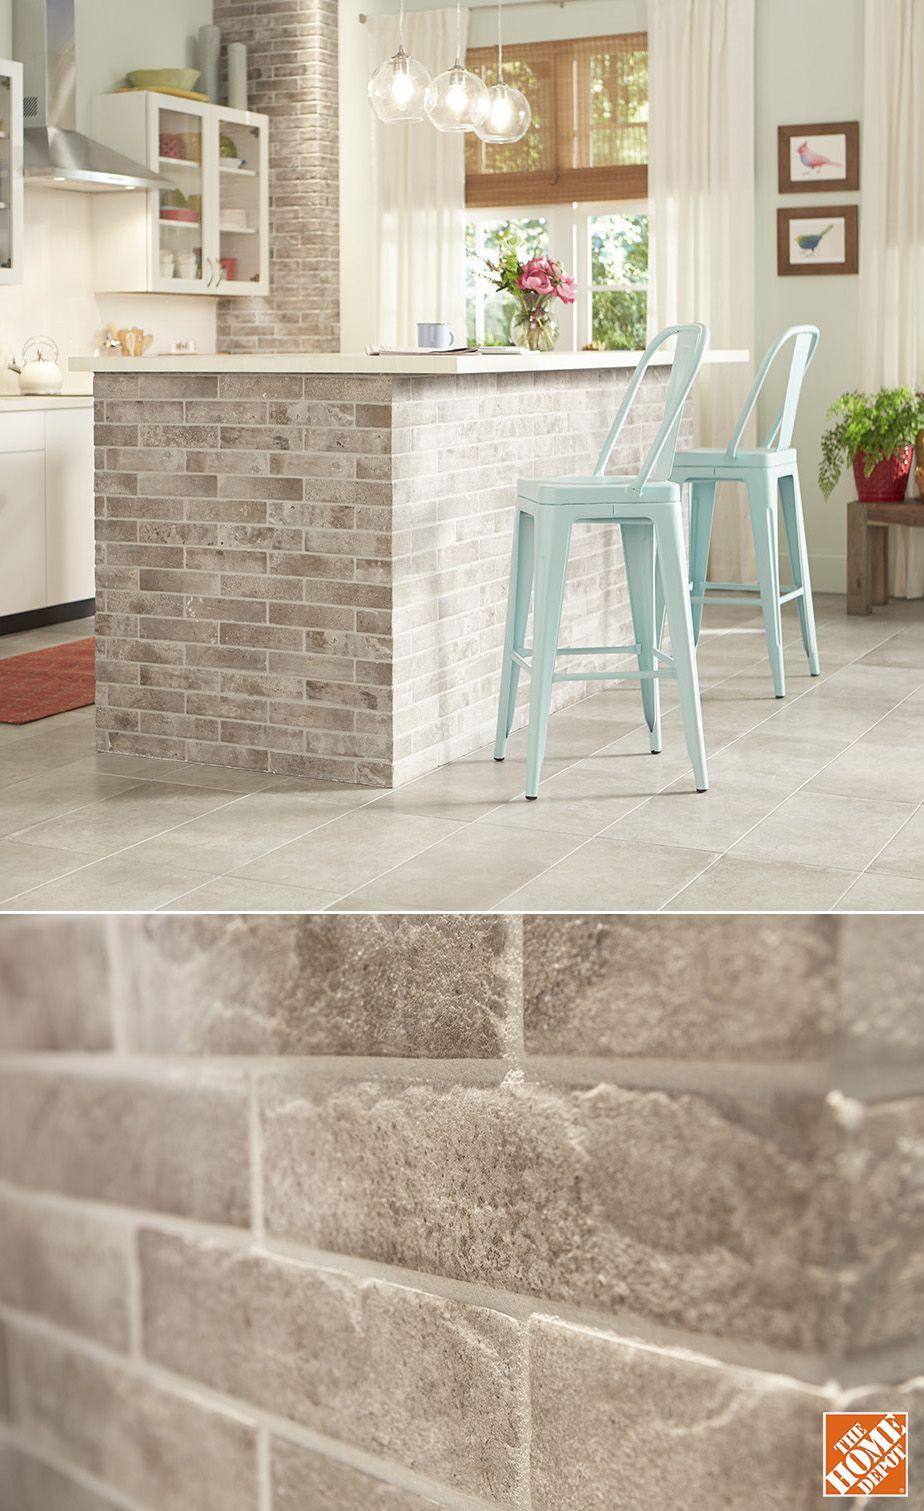 Ms International Abbey Brick 2 1 3 In X 10 In Glazed